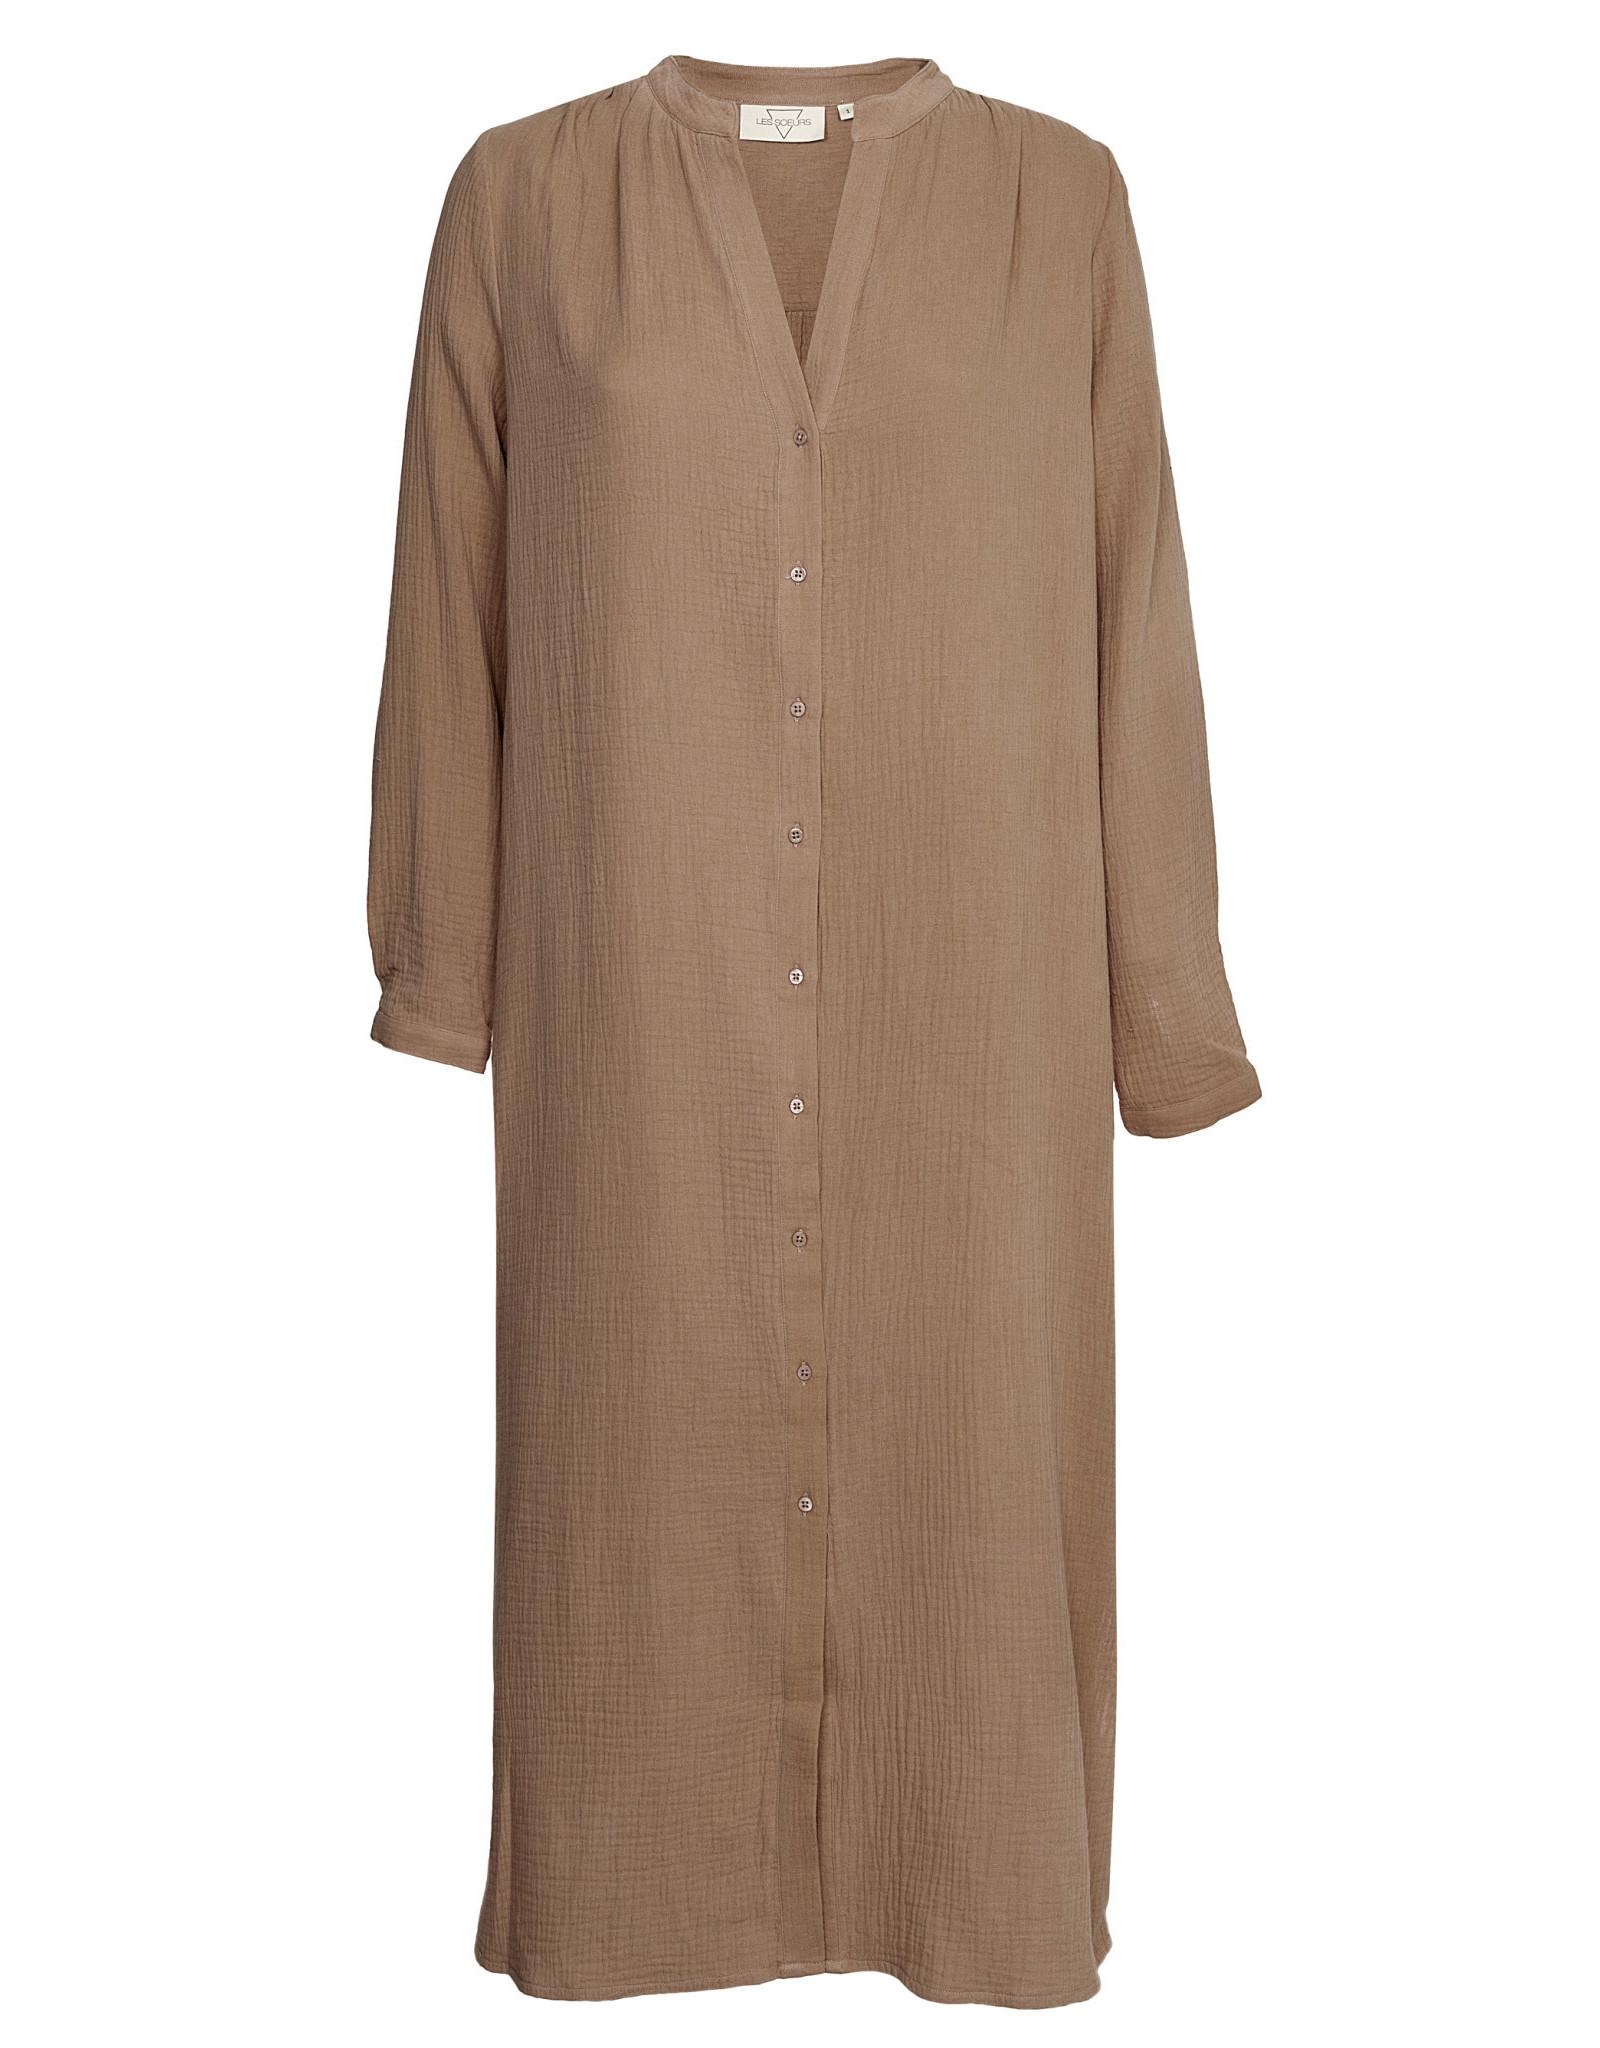 LES SOEURS DRESS BOAS MOKKA